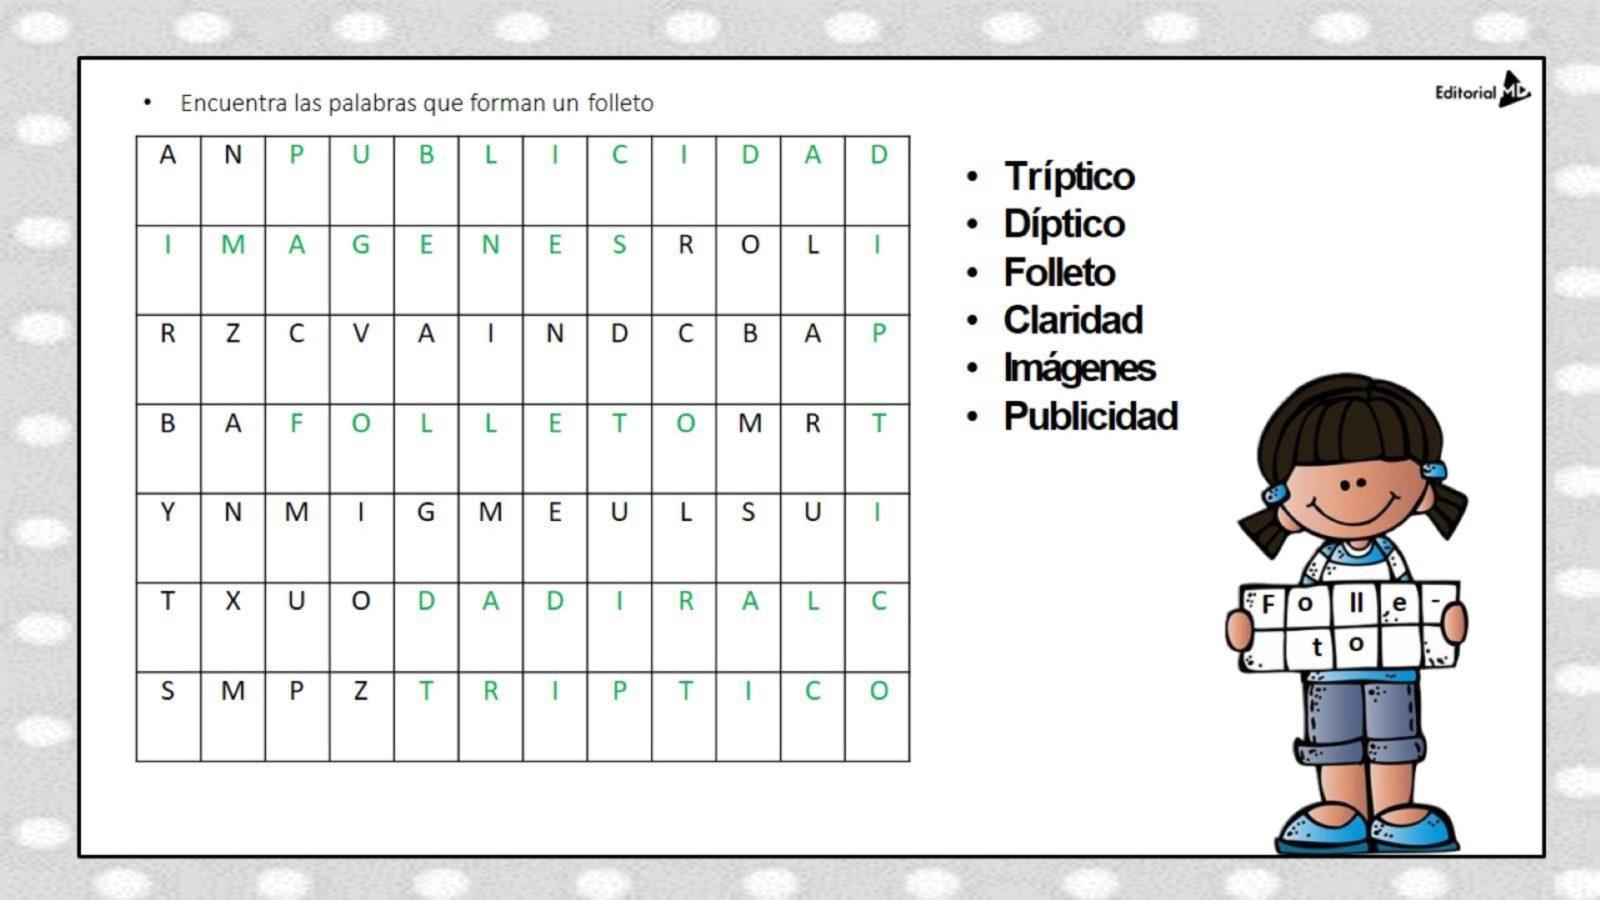 Folletos - Características y Ejemplos para Niños de Primaria